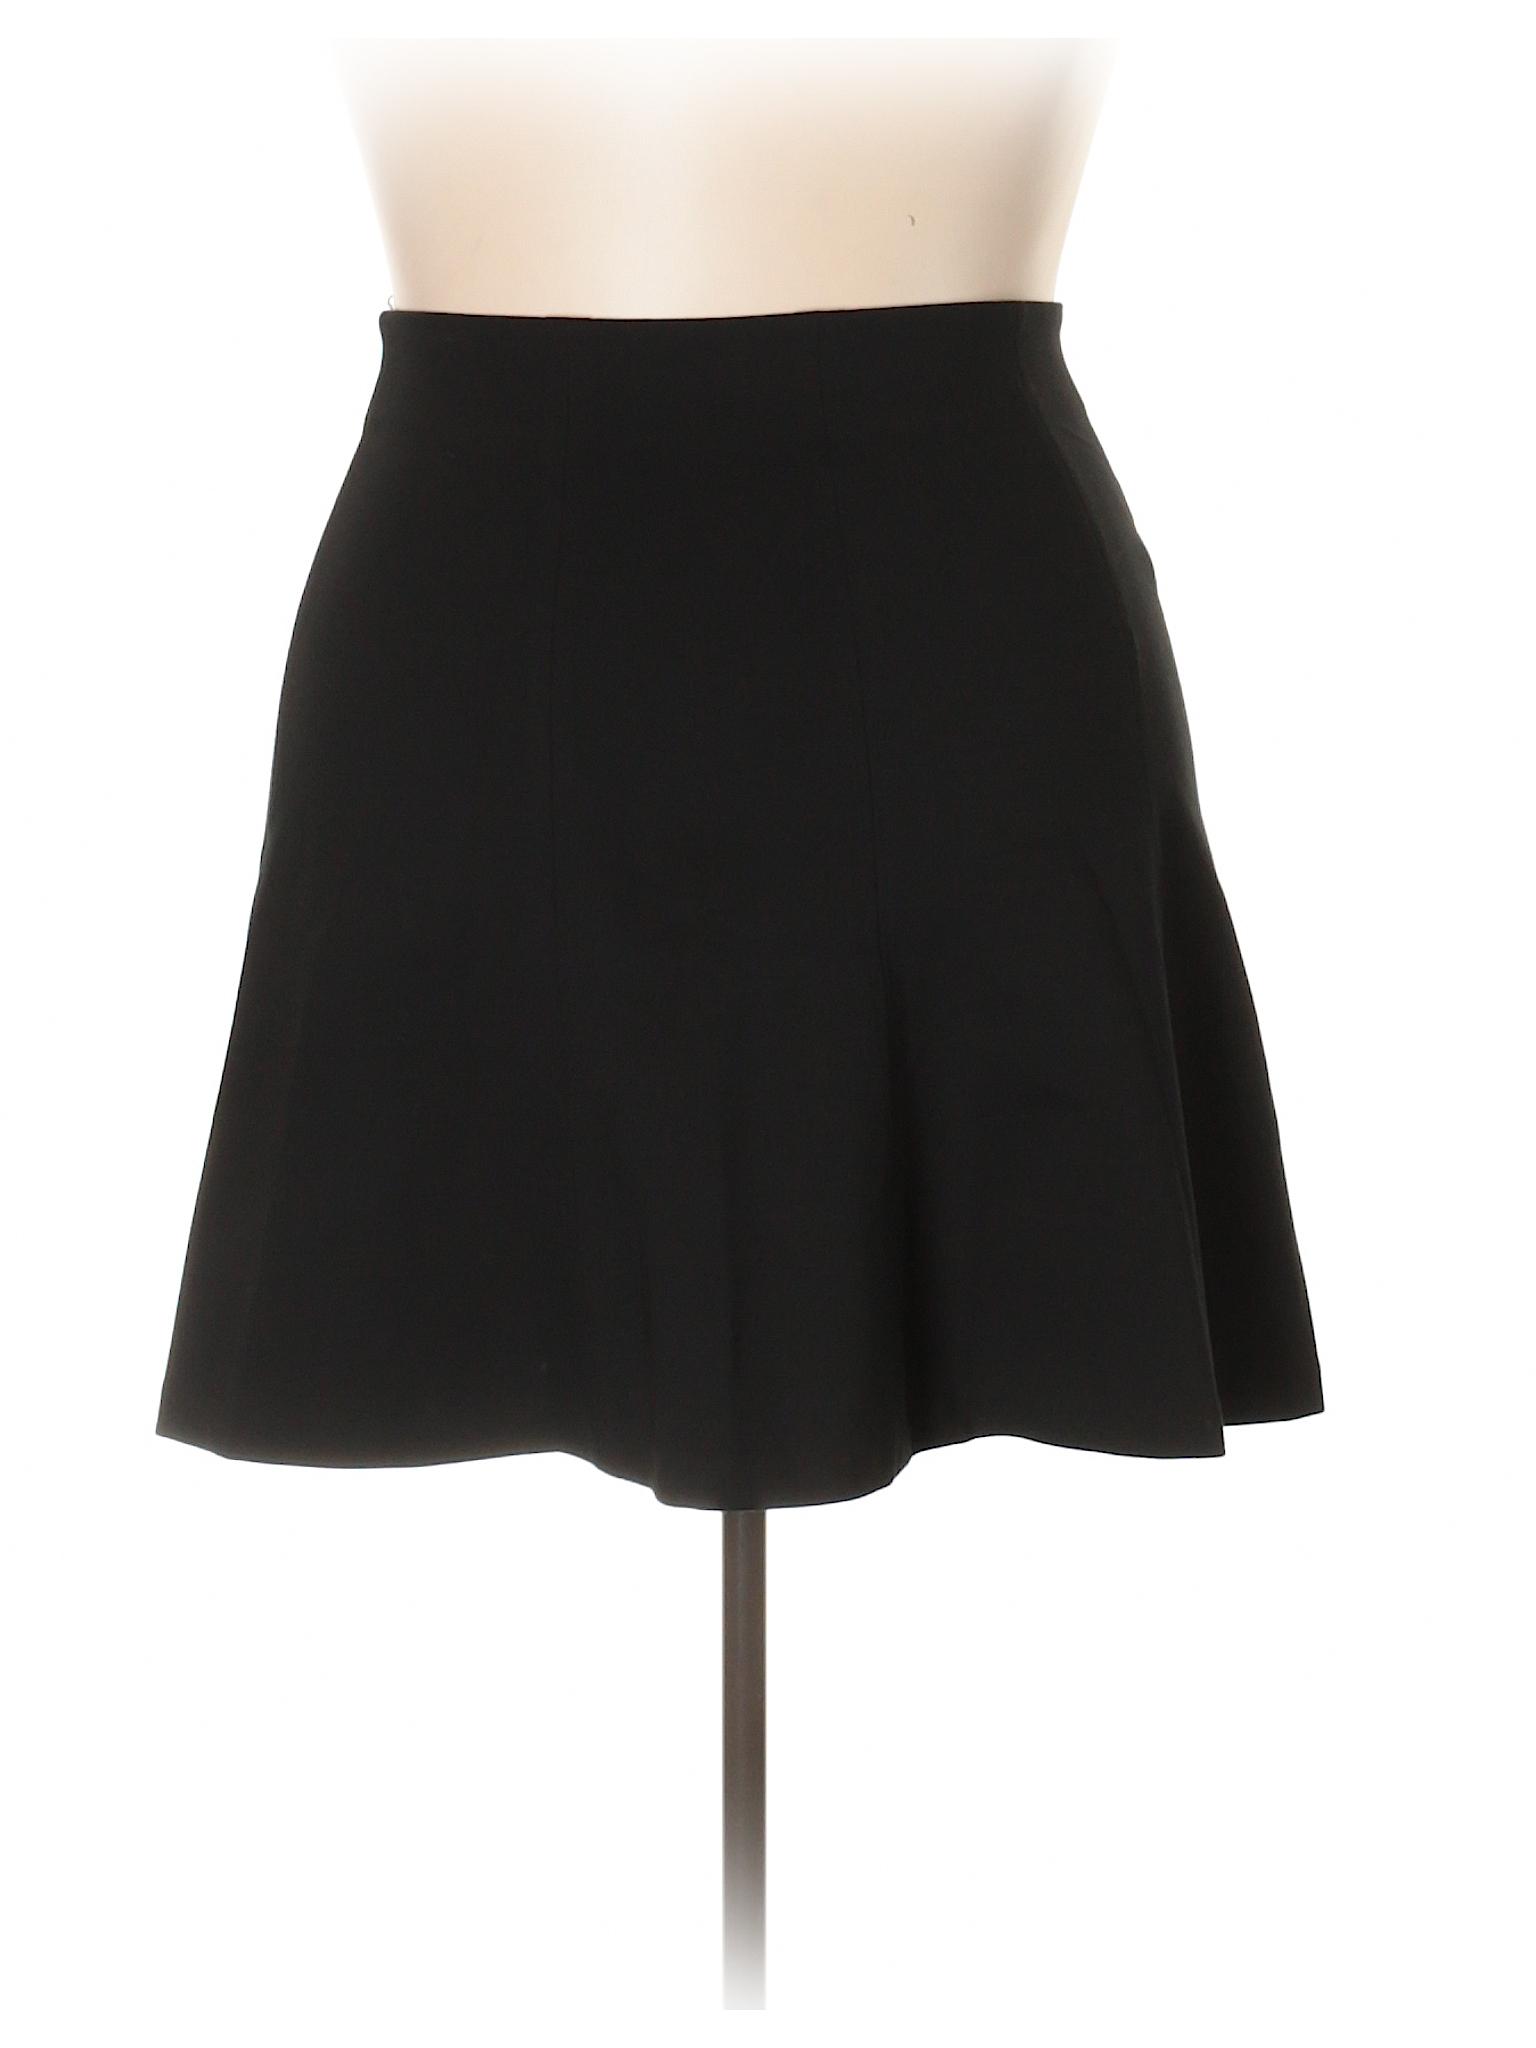 Boutique Ann leisure LOFT Casual Taylor Skirt 44qAxwPrz